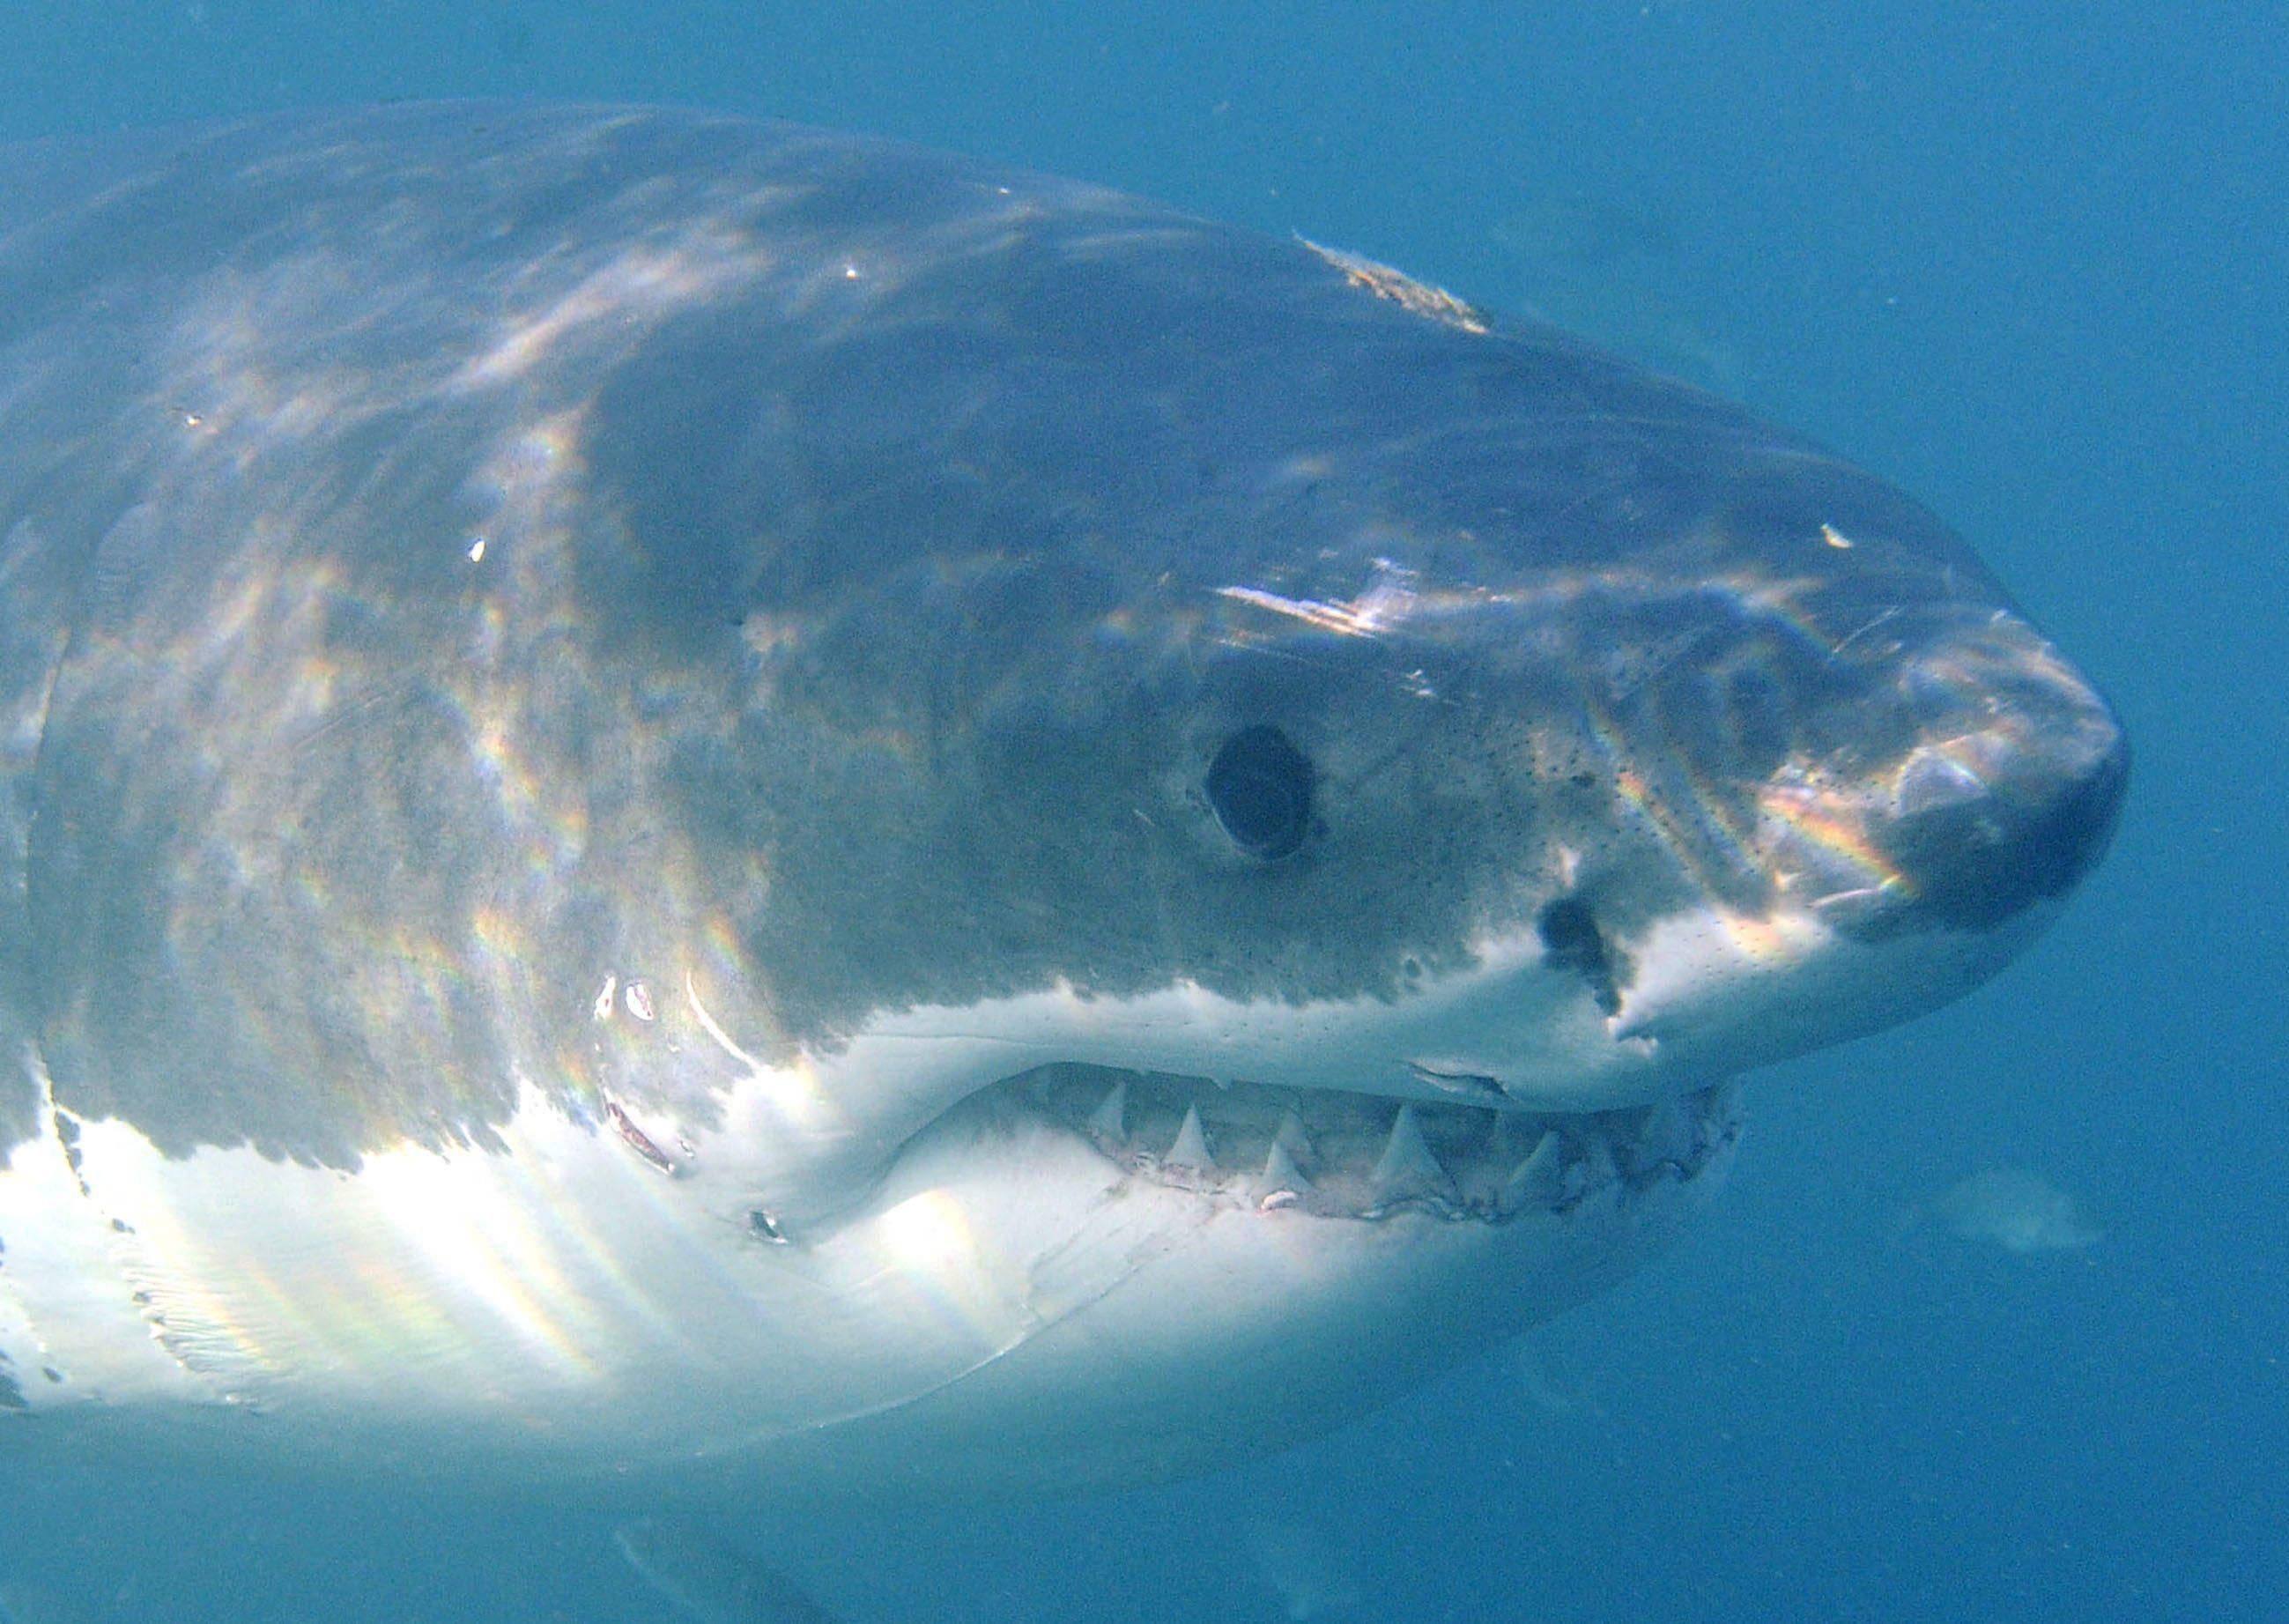 Avvistato uno squalo a MessinaLe raccomandazioni delle Capitaneria